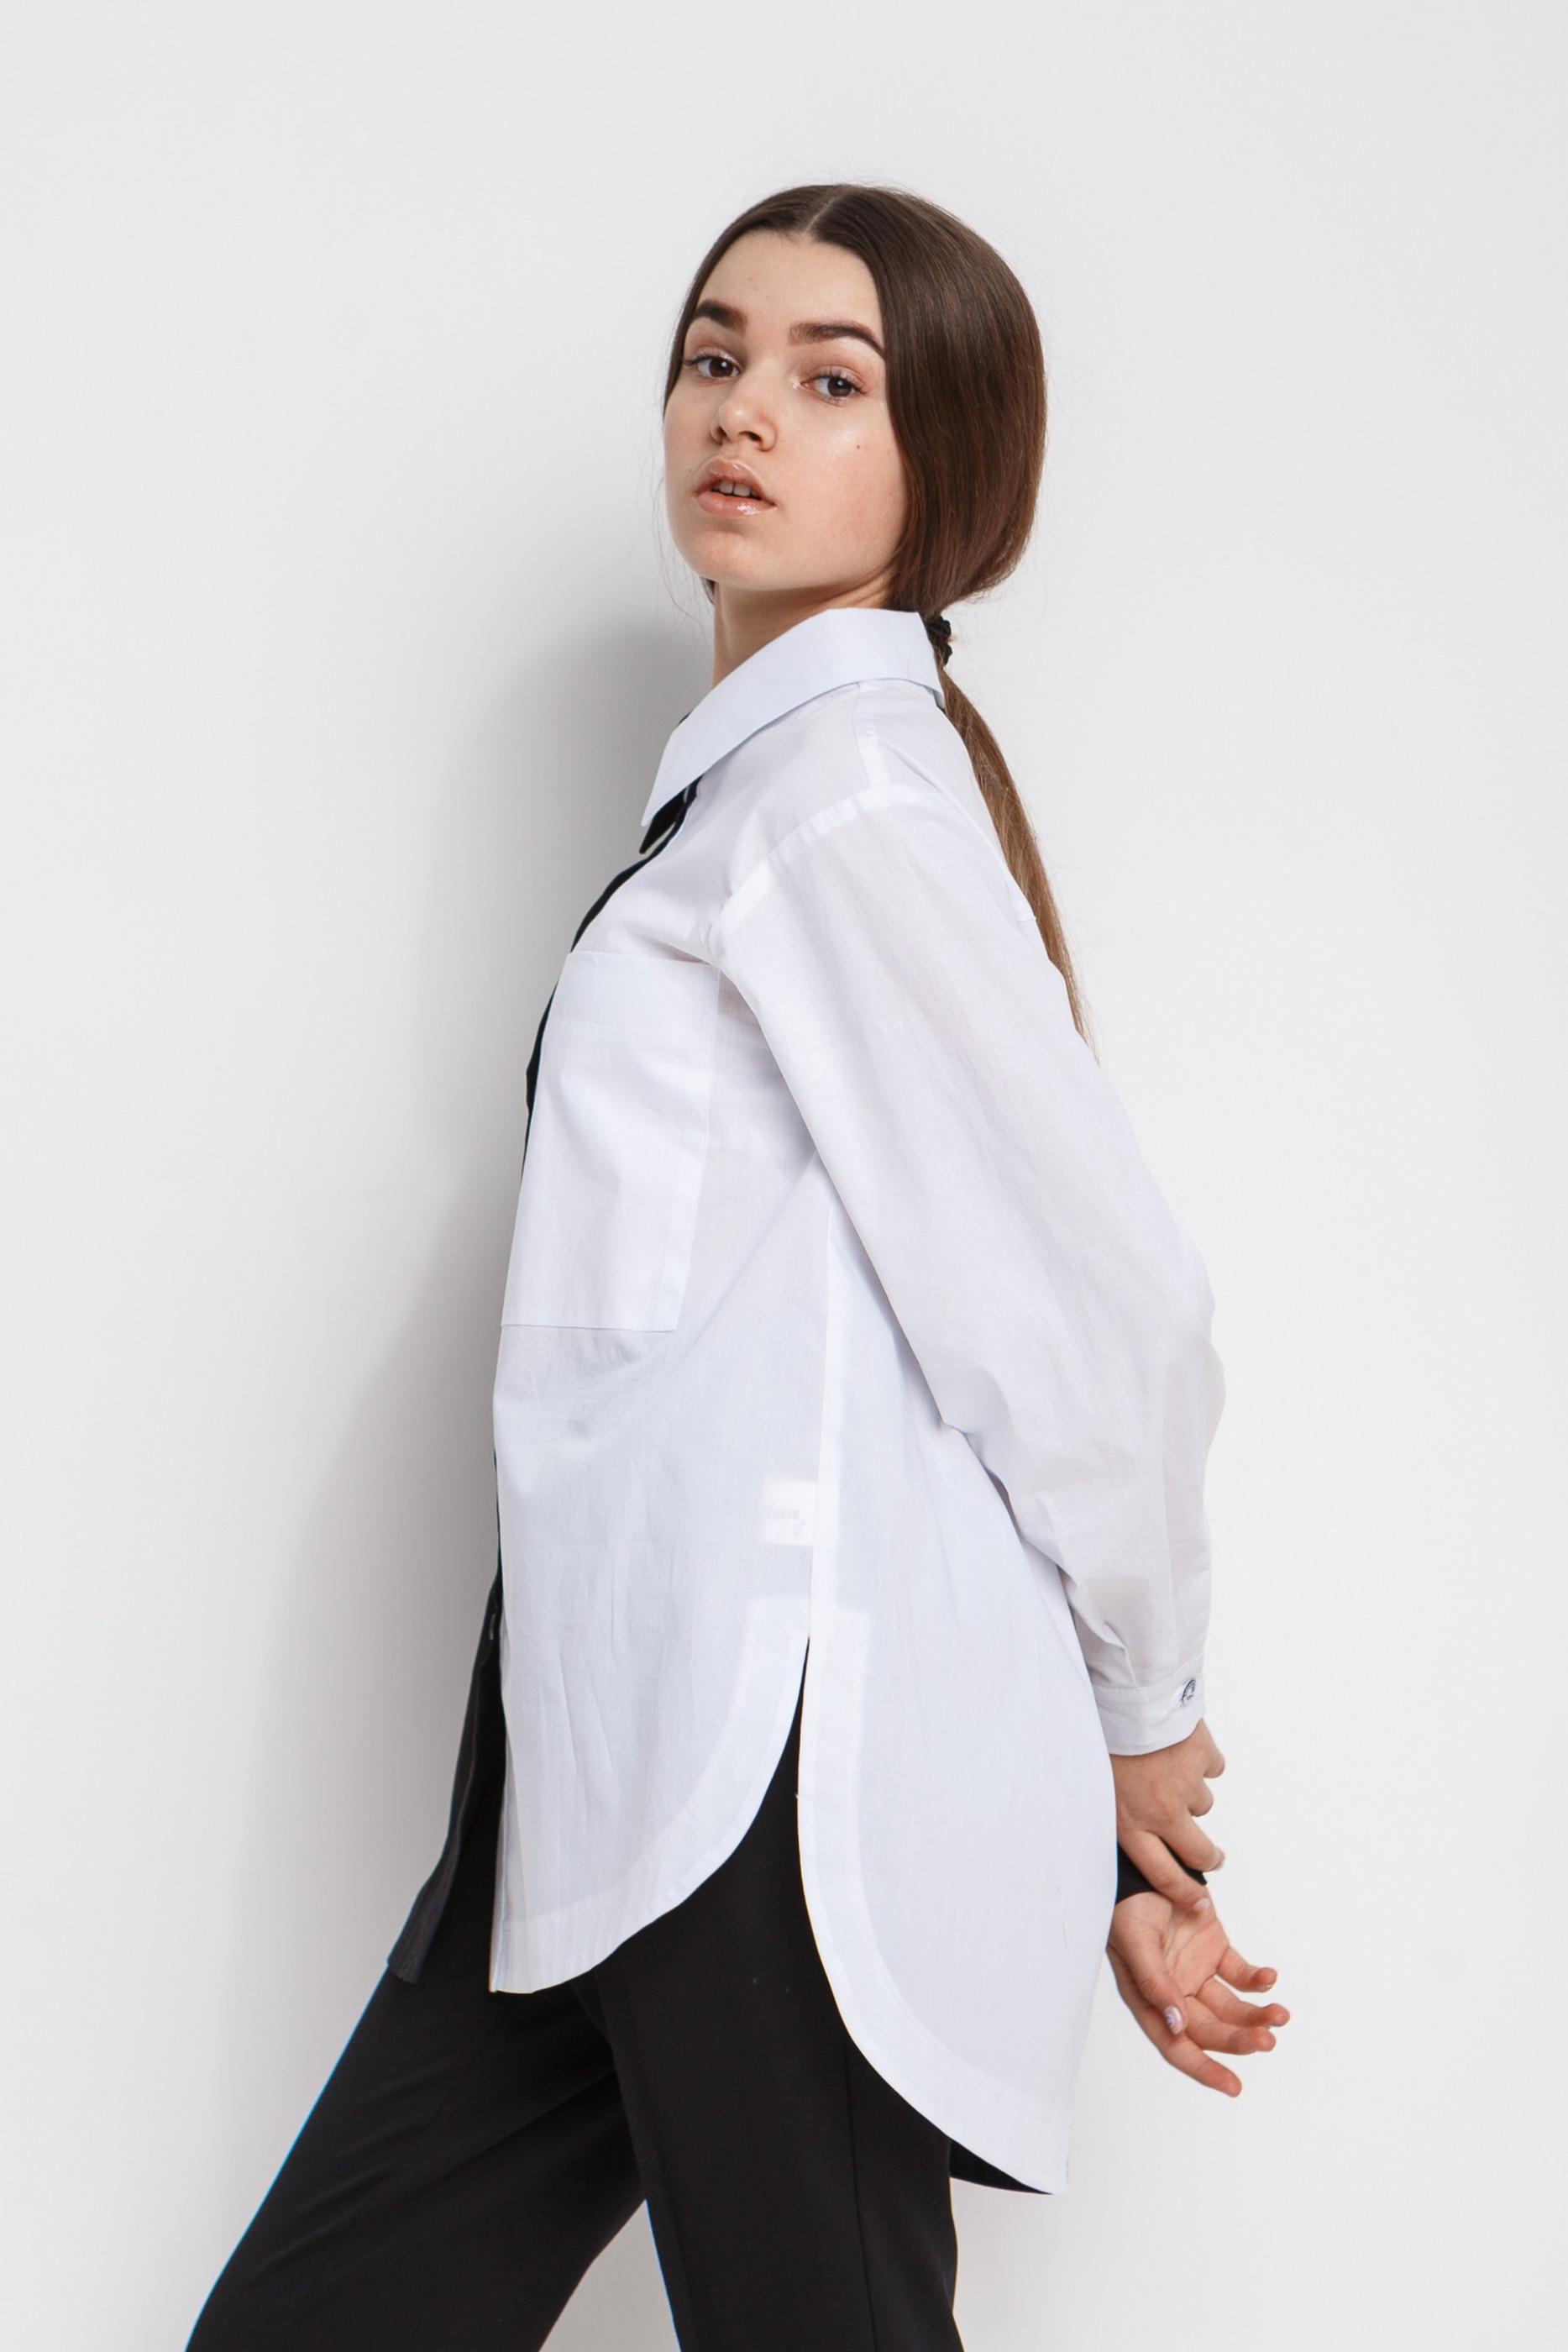 Сорочка Іоанна, фото №5